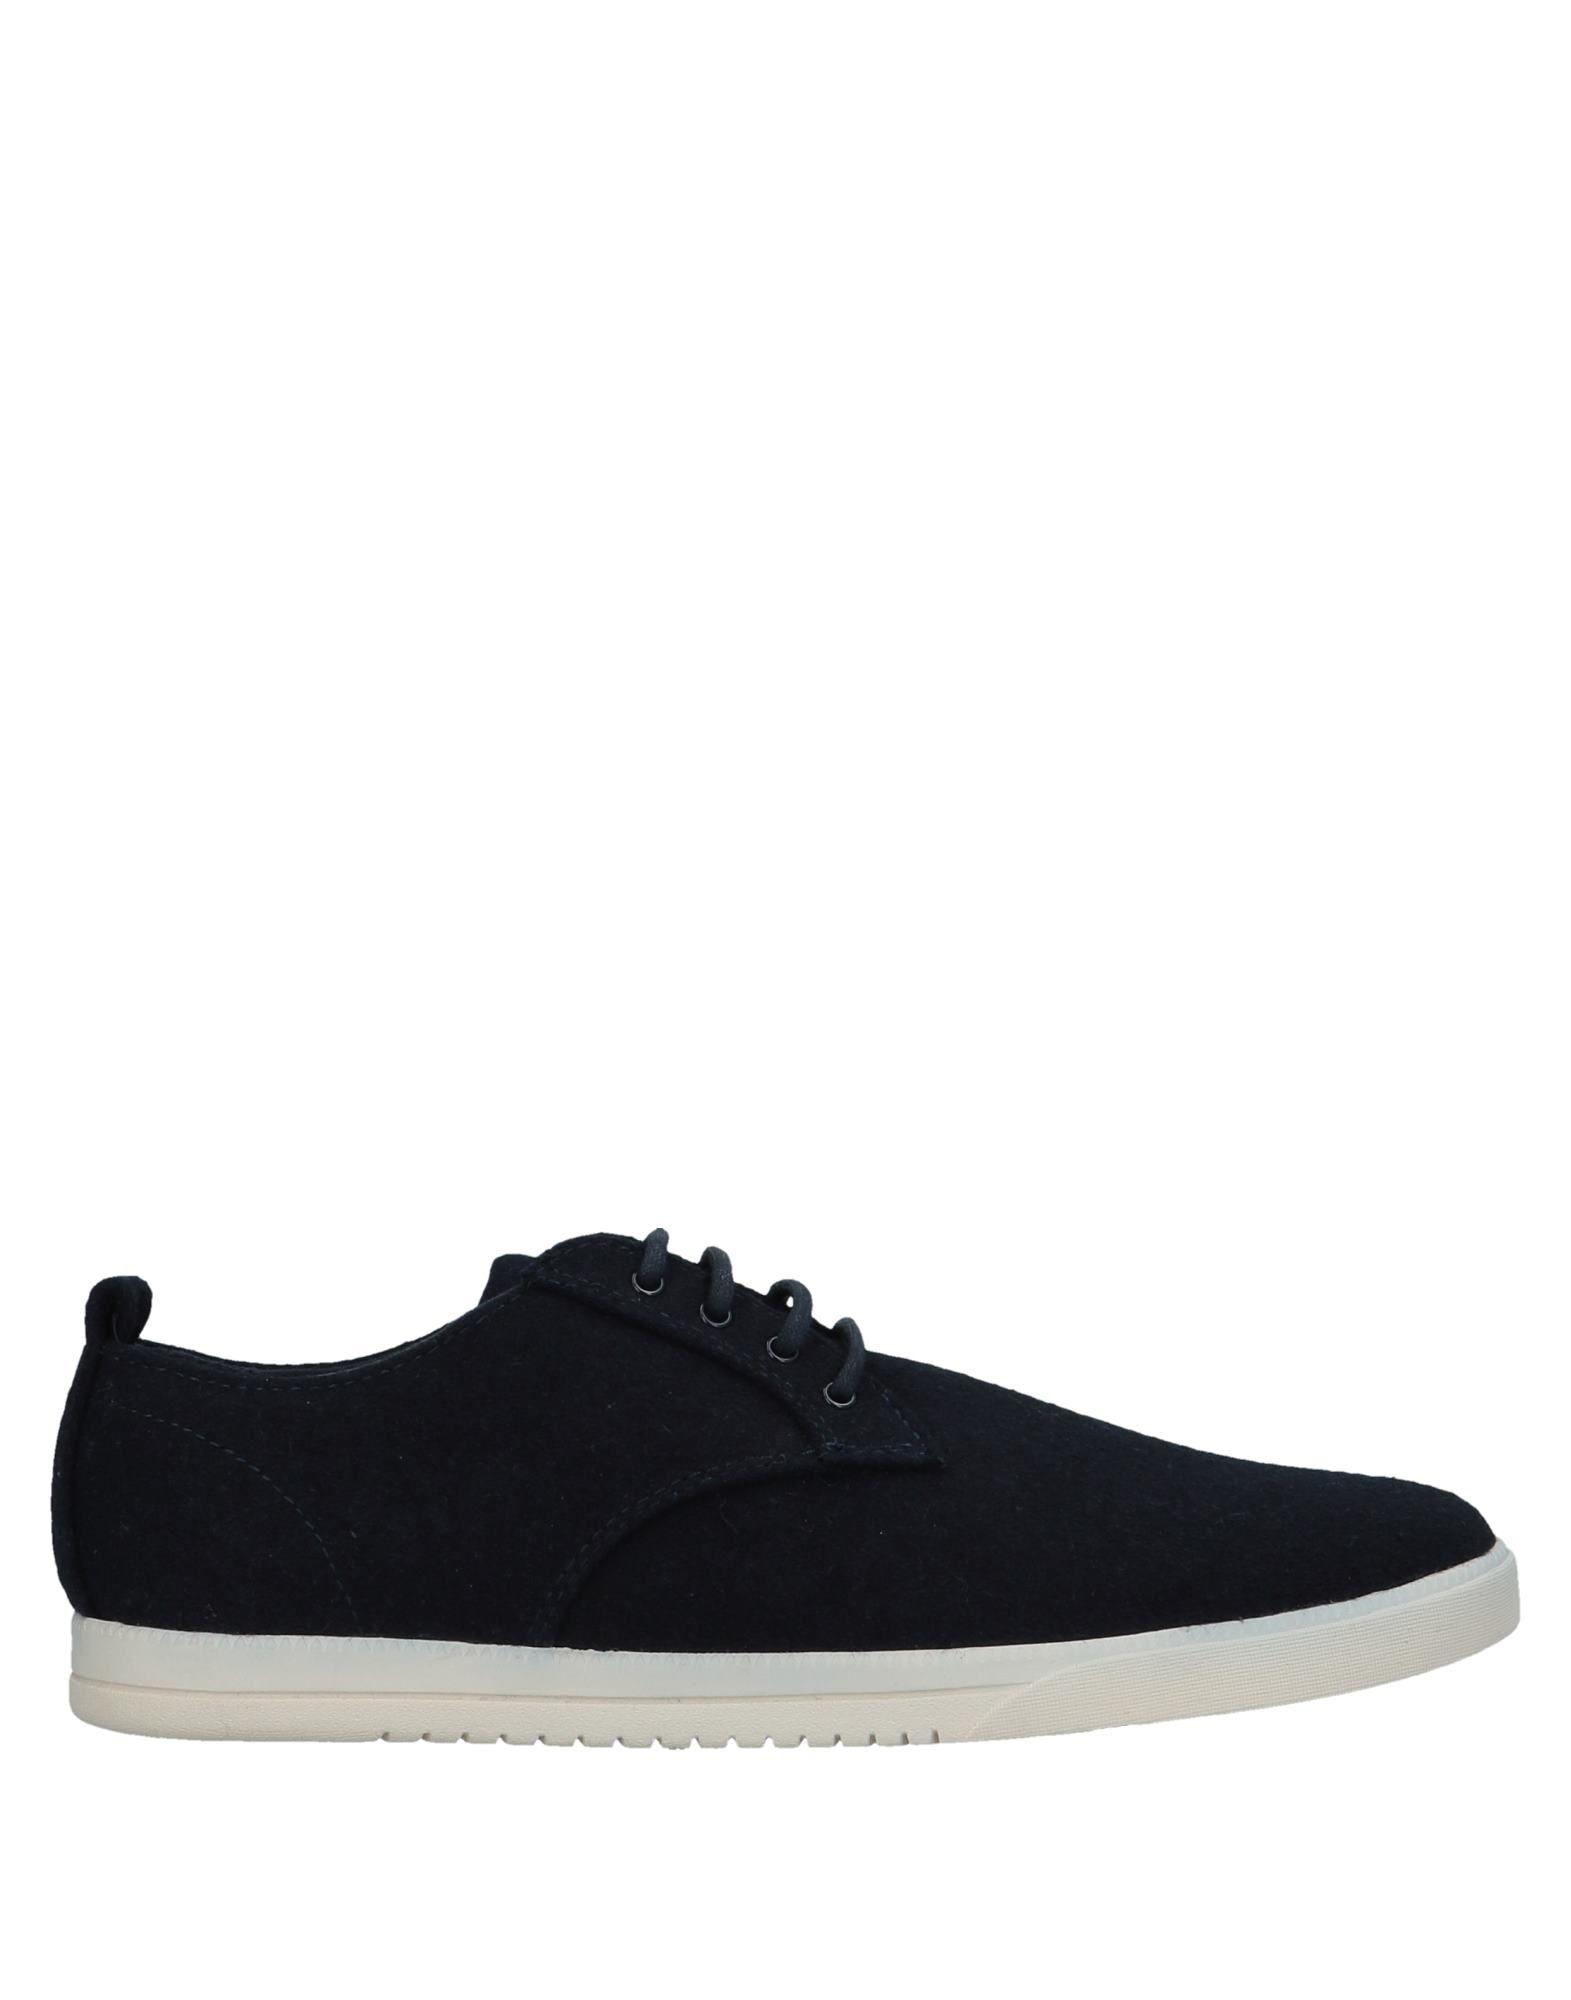 Scarpe Uomo economiche e resistenti Sneakers Clae Uomo Scarpe - 11543226NP 374ba0